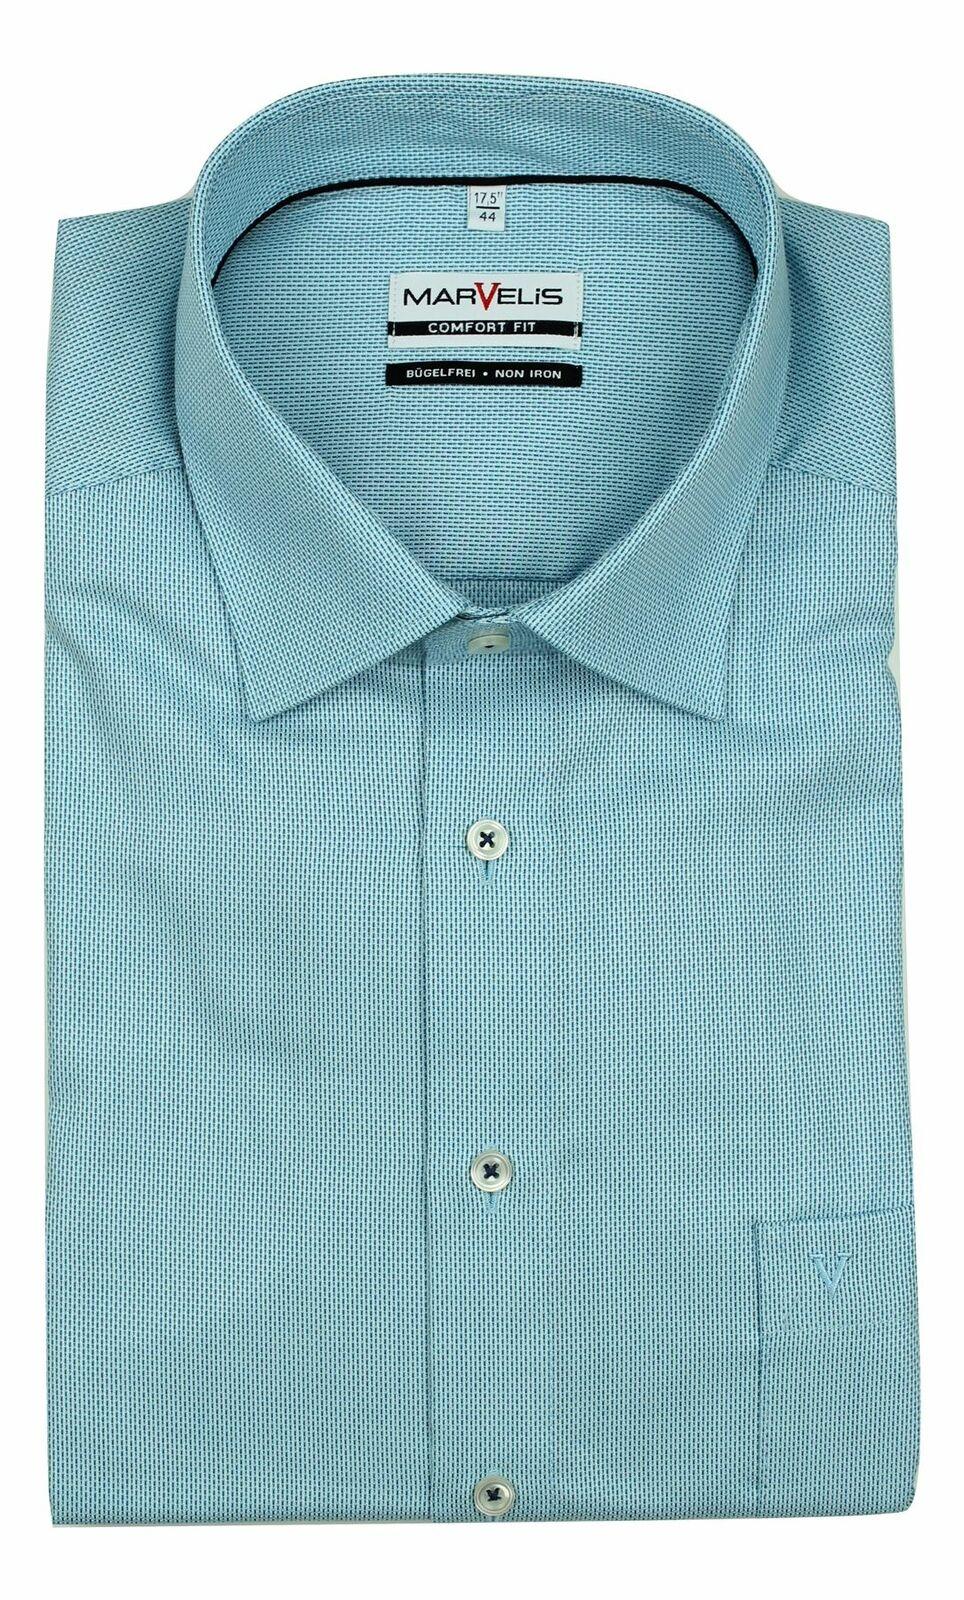 Aqua Mix Textured Spread Collar